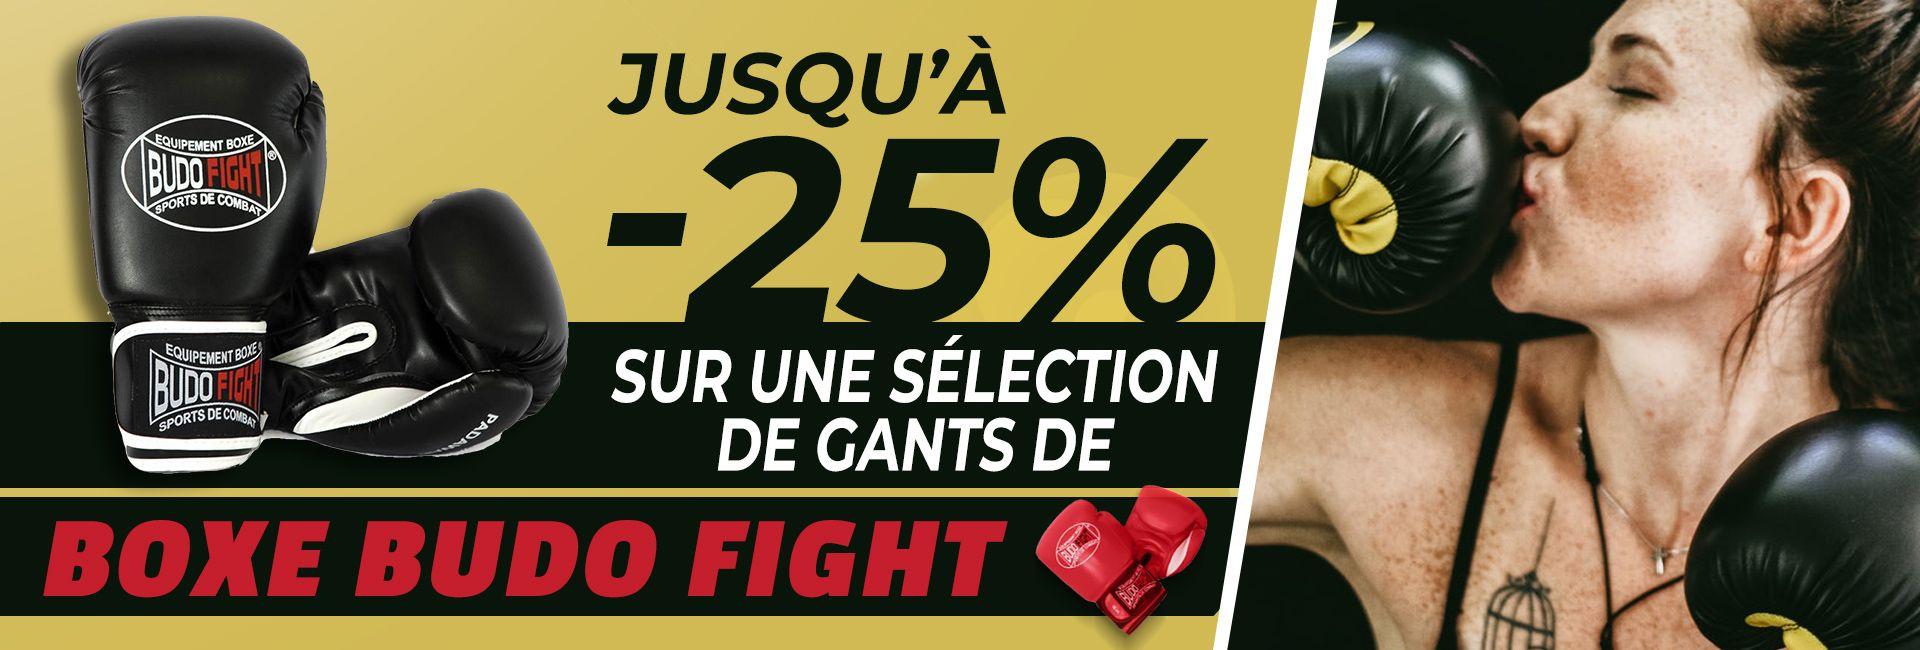 Jusqu'à -25% sur les gants de Boxe Budo Fight